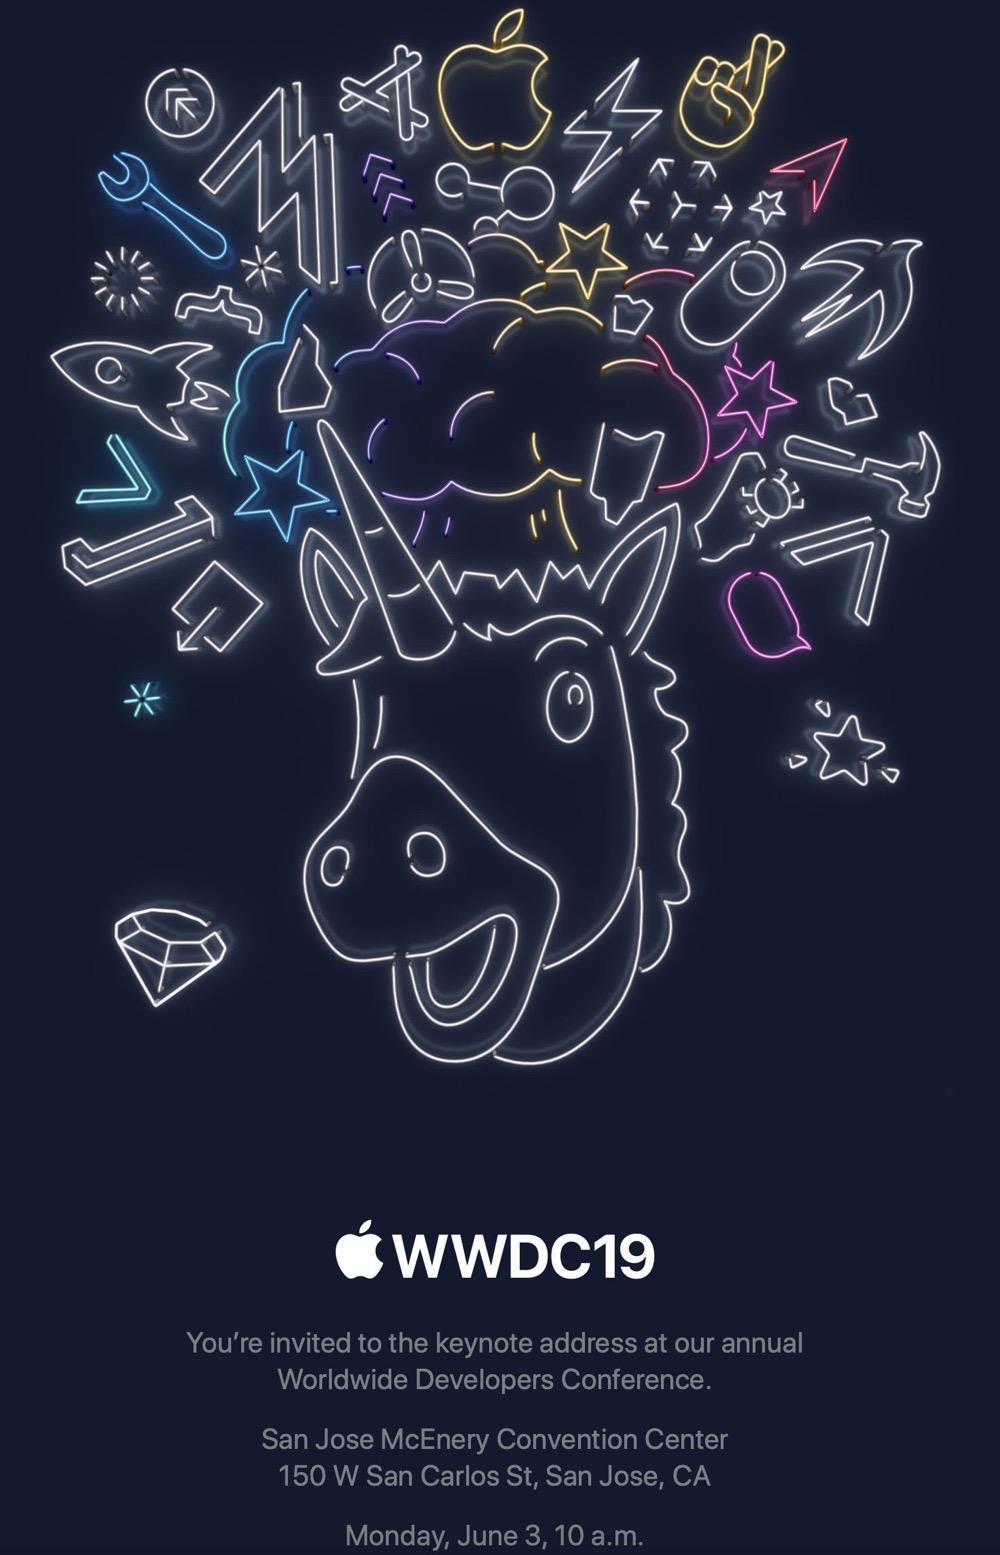 Wwdc 2019 invite